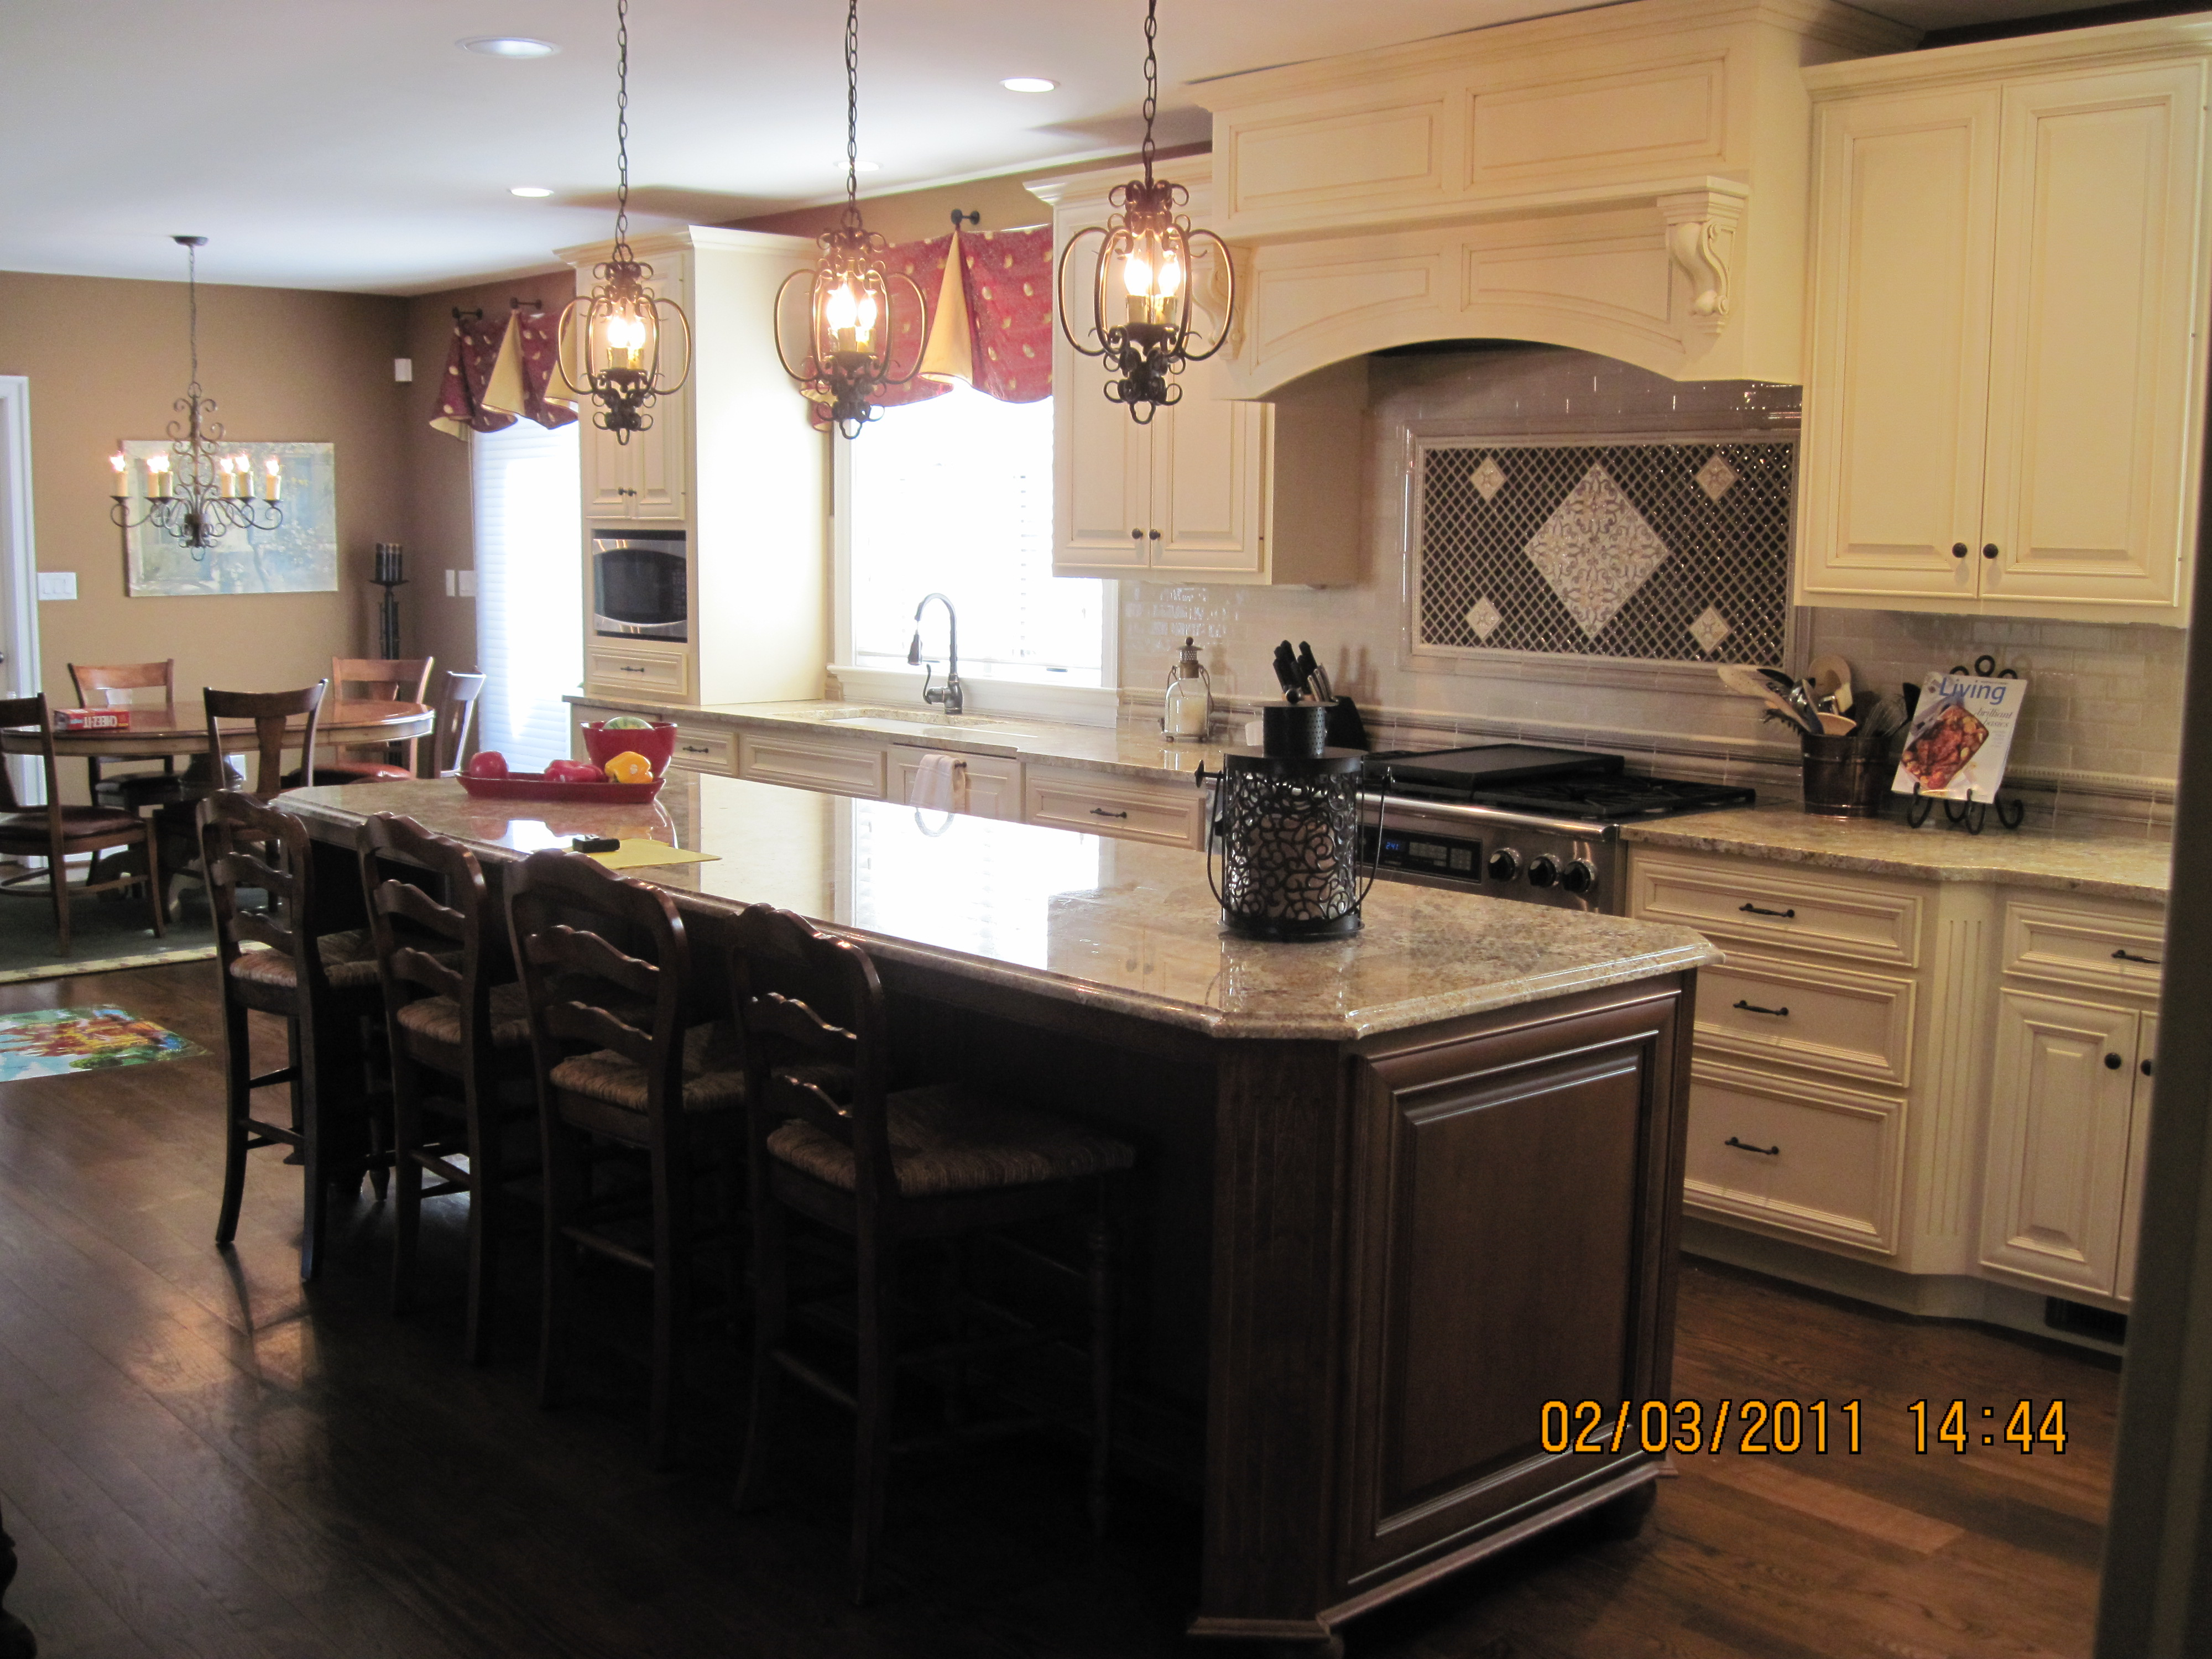 malvern kitchen and bath-kitchen